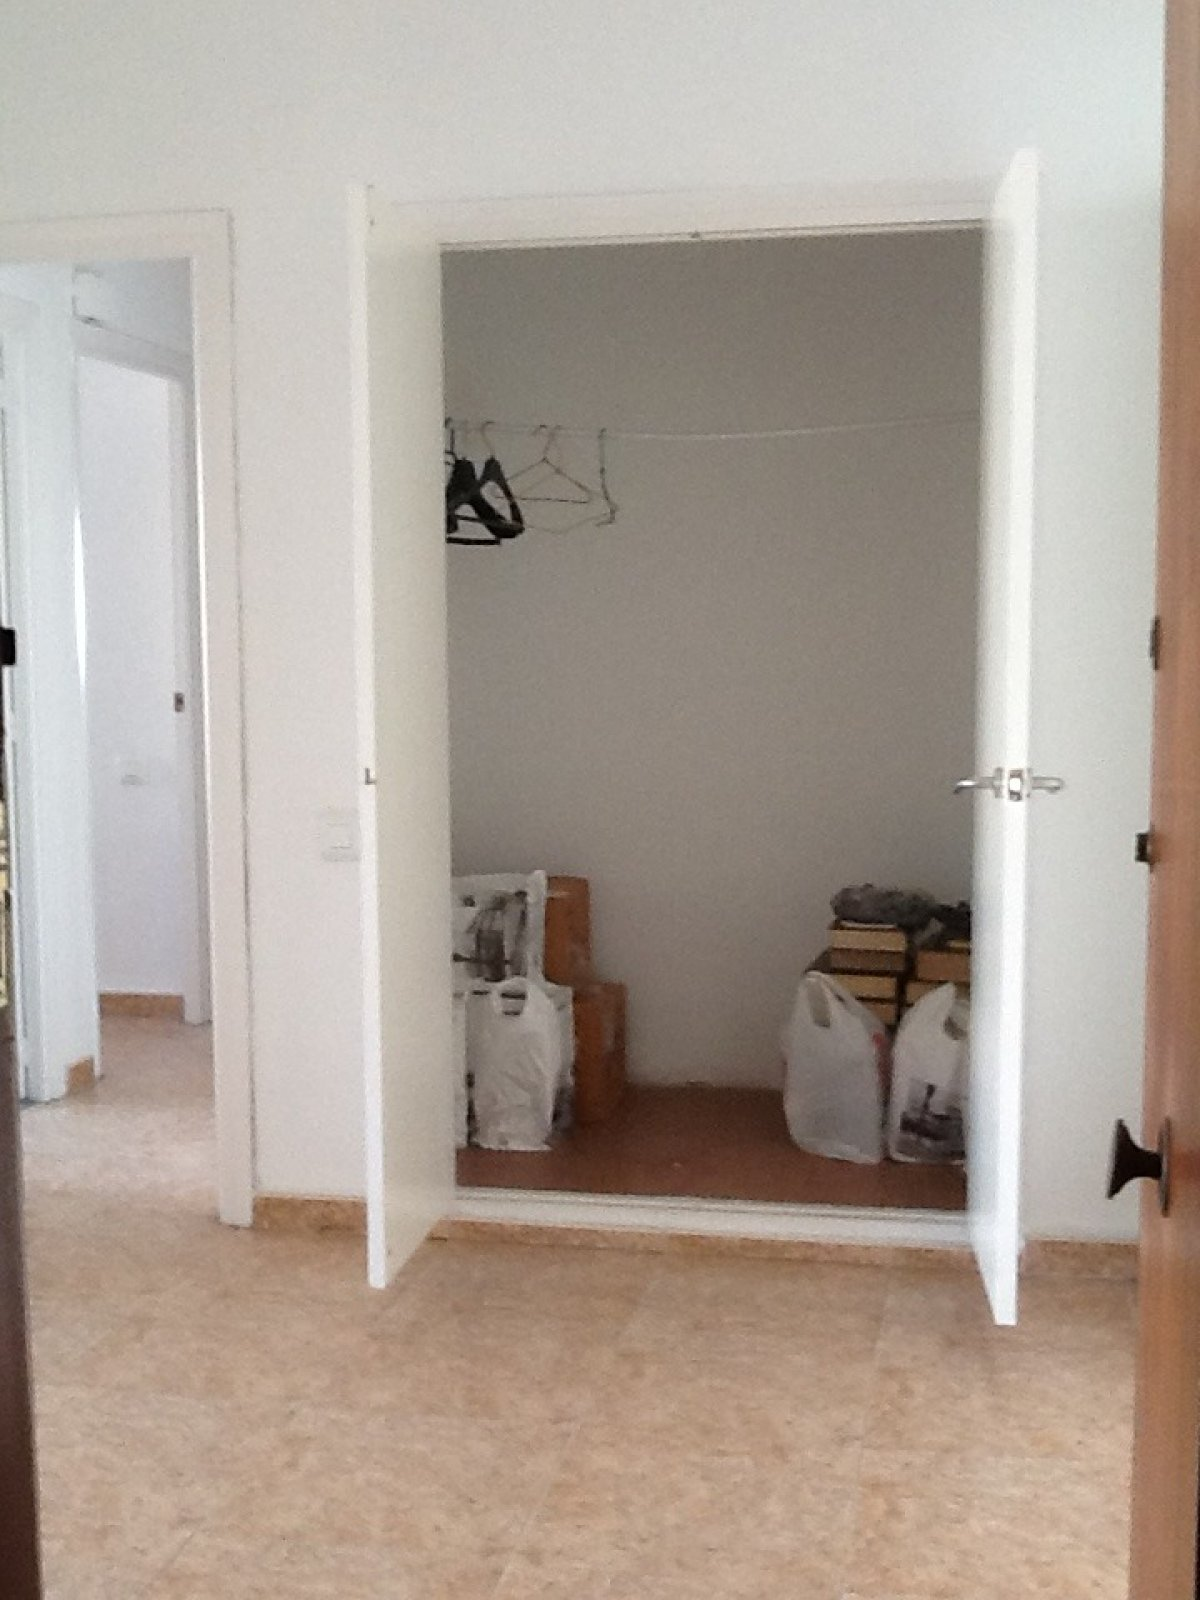 Alquiler de piso en valencia - imagenInmueble14